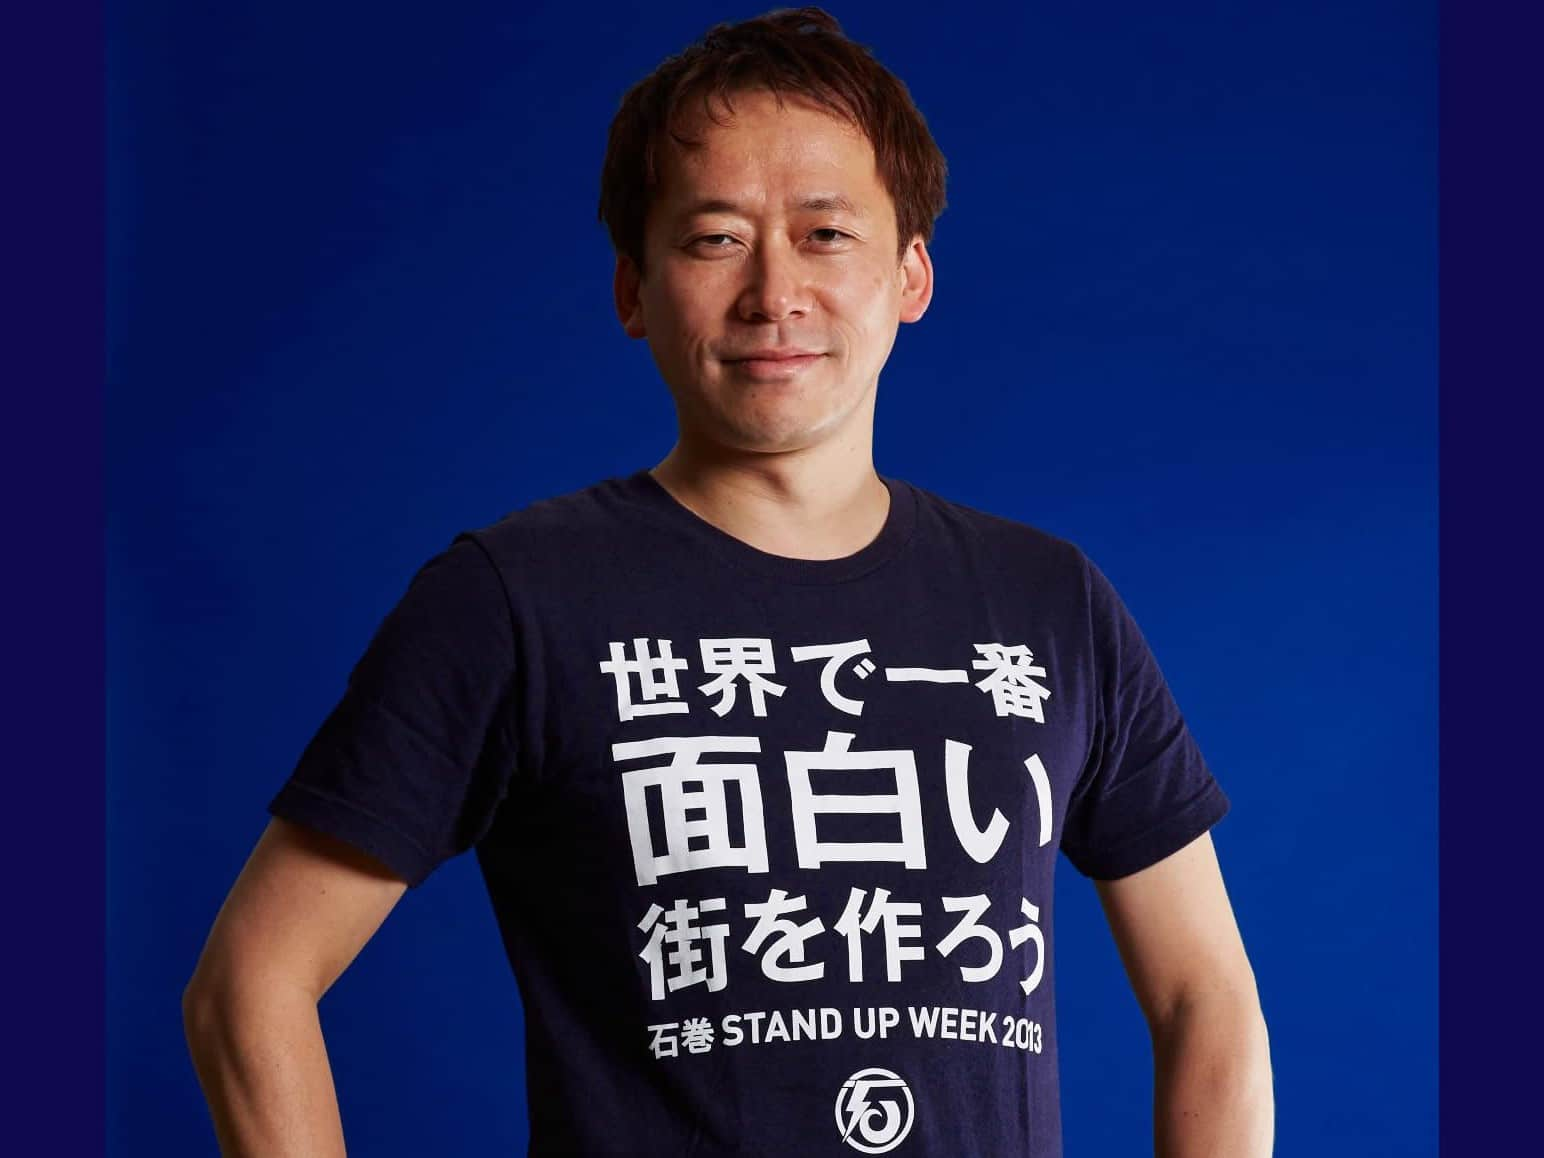 【宮城県】コンソーシアム ハグクミの松村 豪太です!